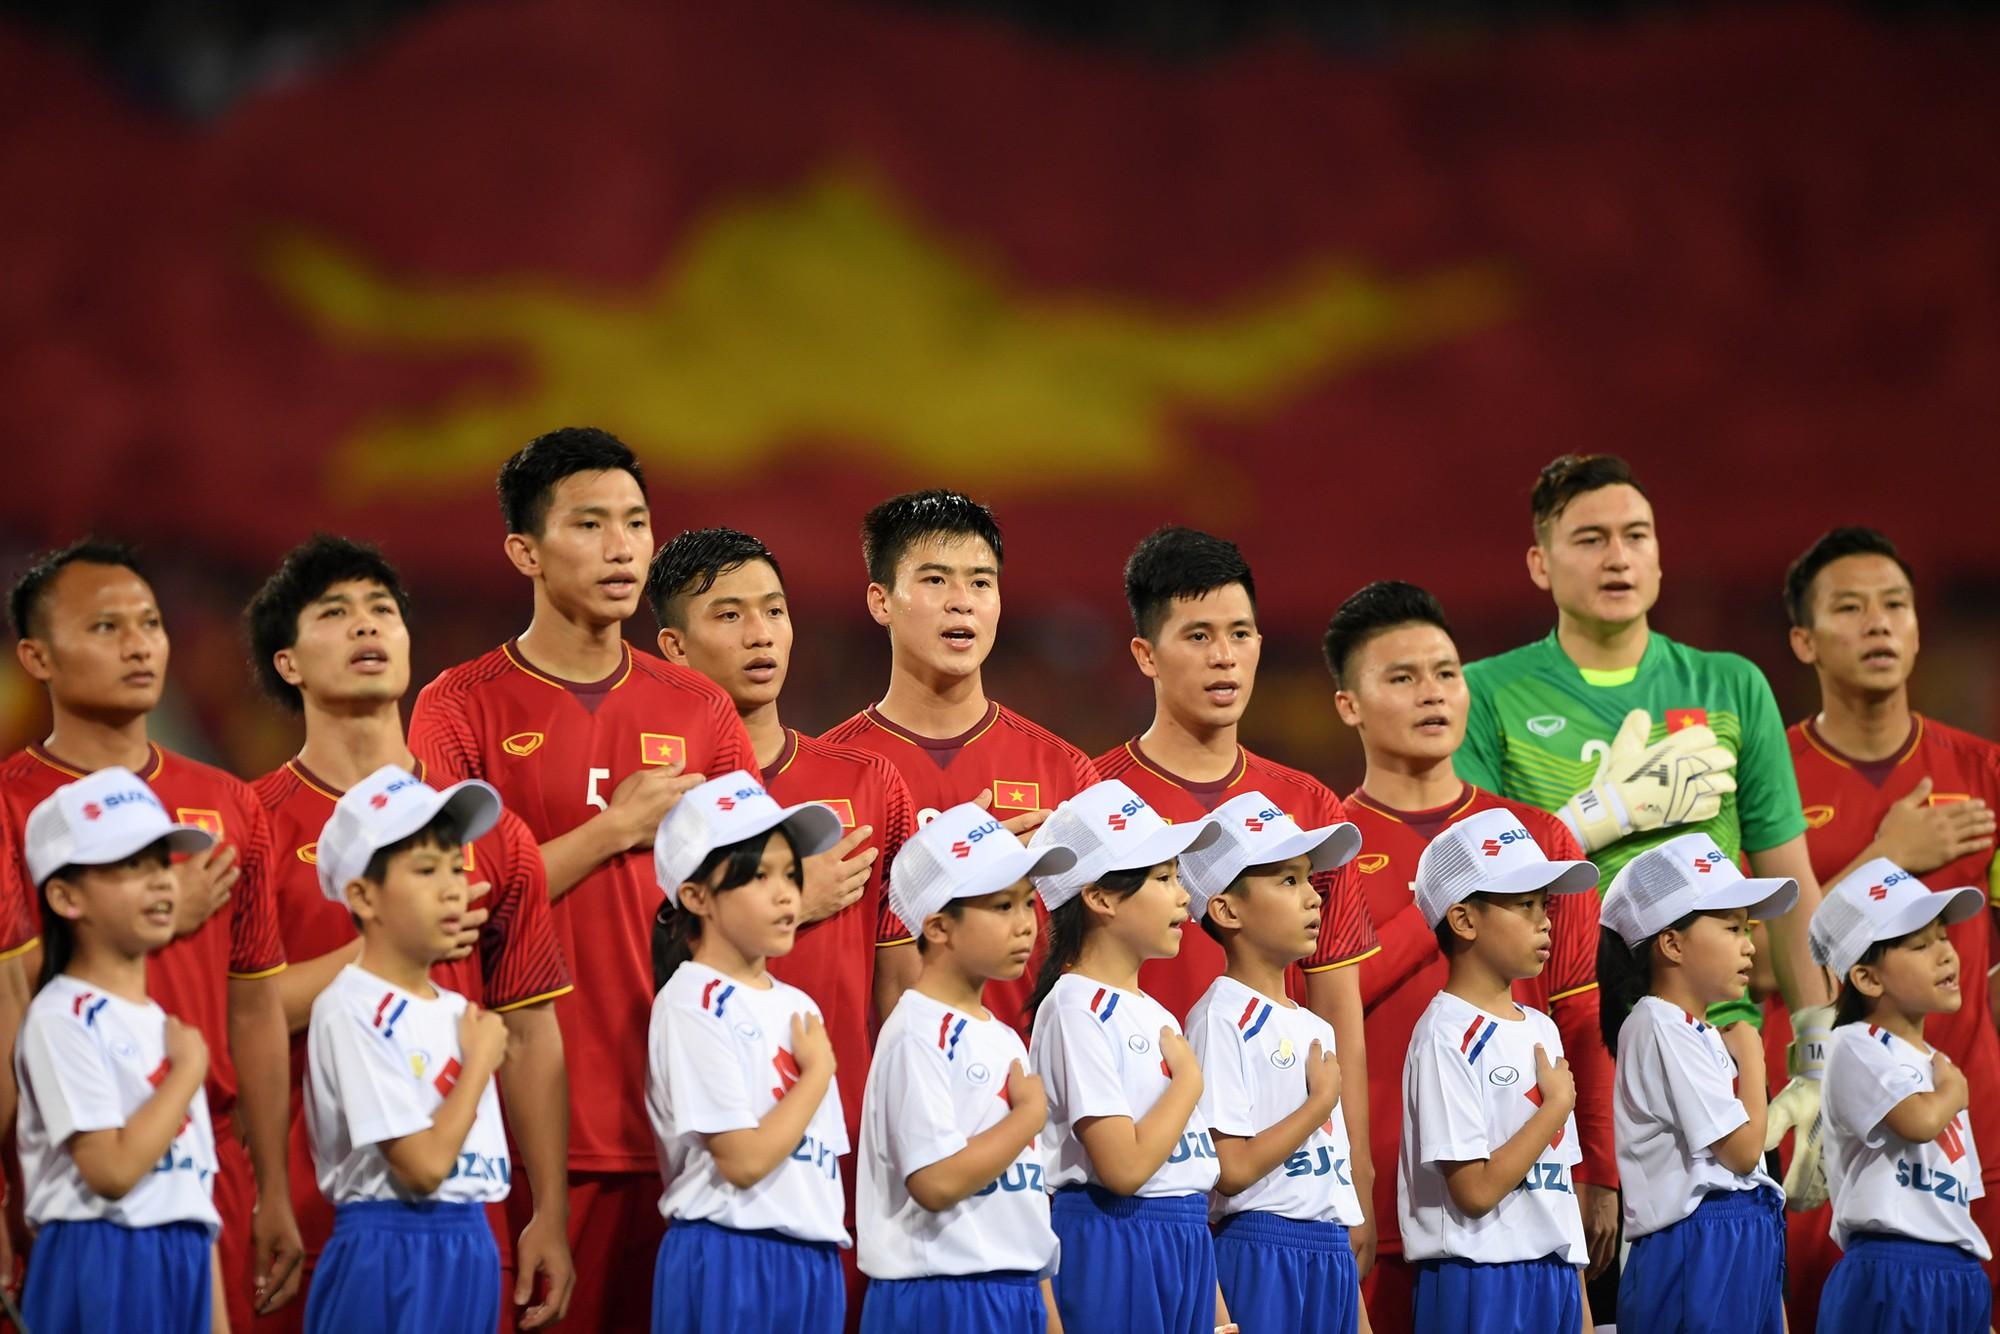 Philippines vs Việt Nam: ĐT Việt Nam giành chiến thắng 2-1 ngay trên sân khách-22